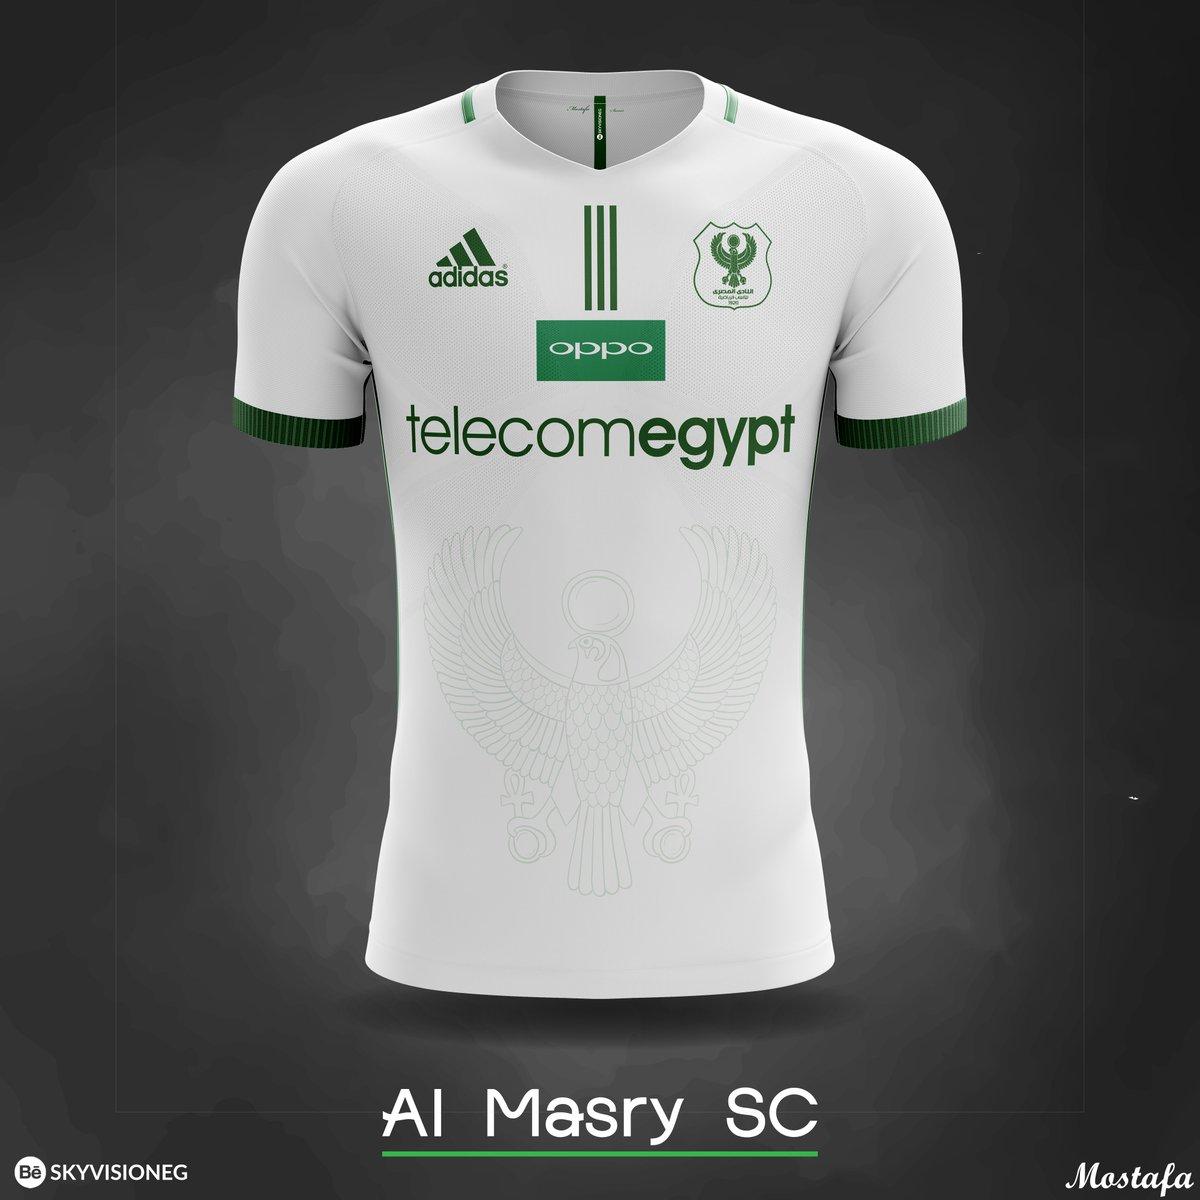 تصميم مقترح لتيشيرت نادي المصري البورسعيدي @AlMasrySC #ALMASRY#المصري #بورسعيد #شجع_فريقك 2-3